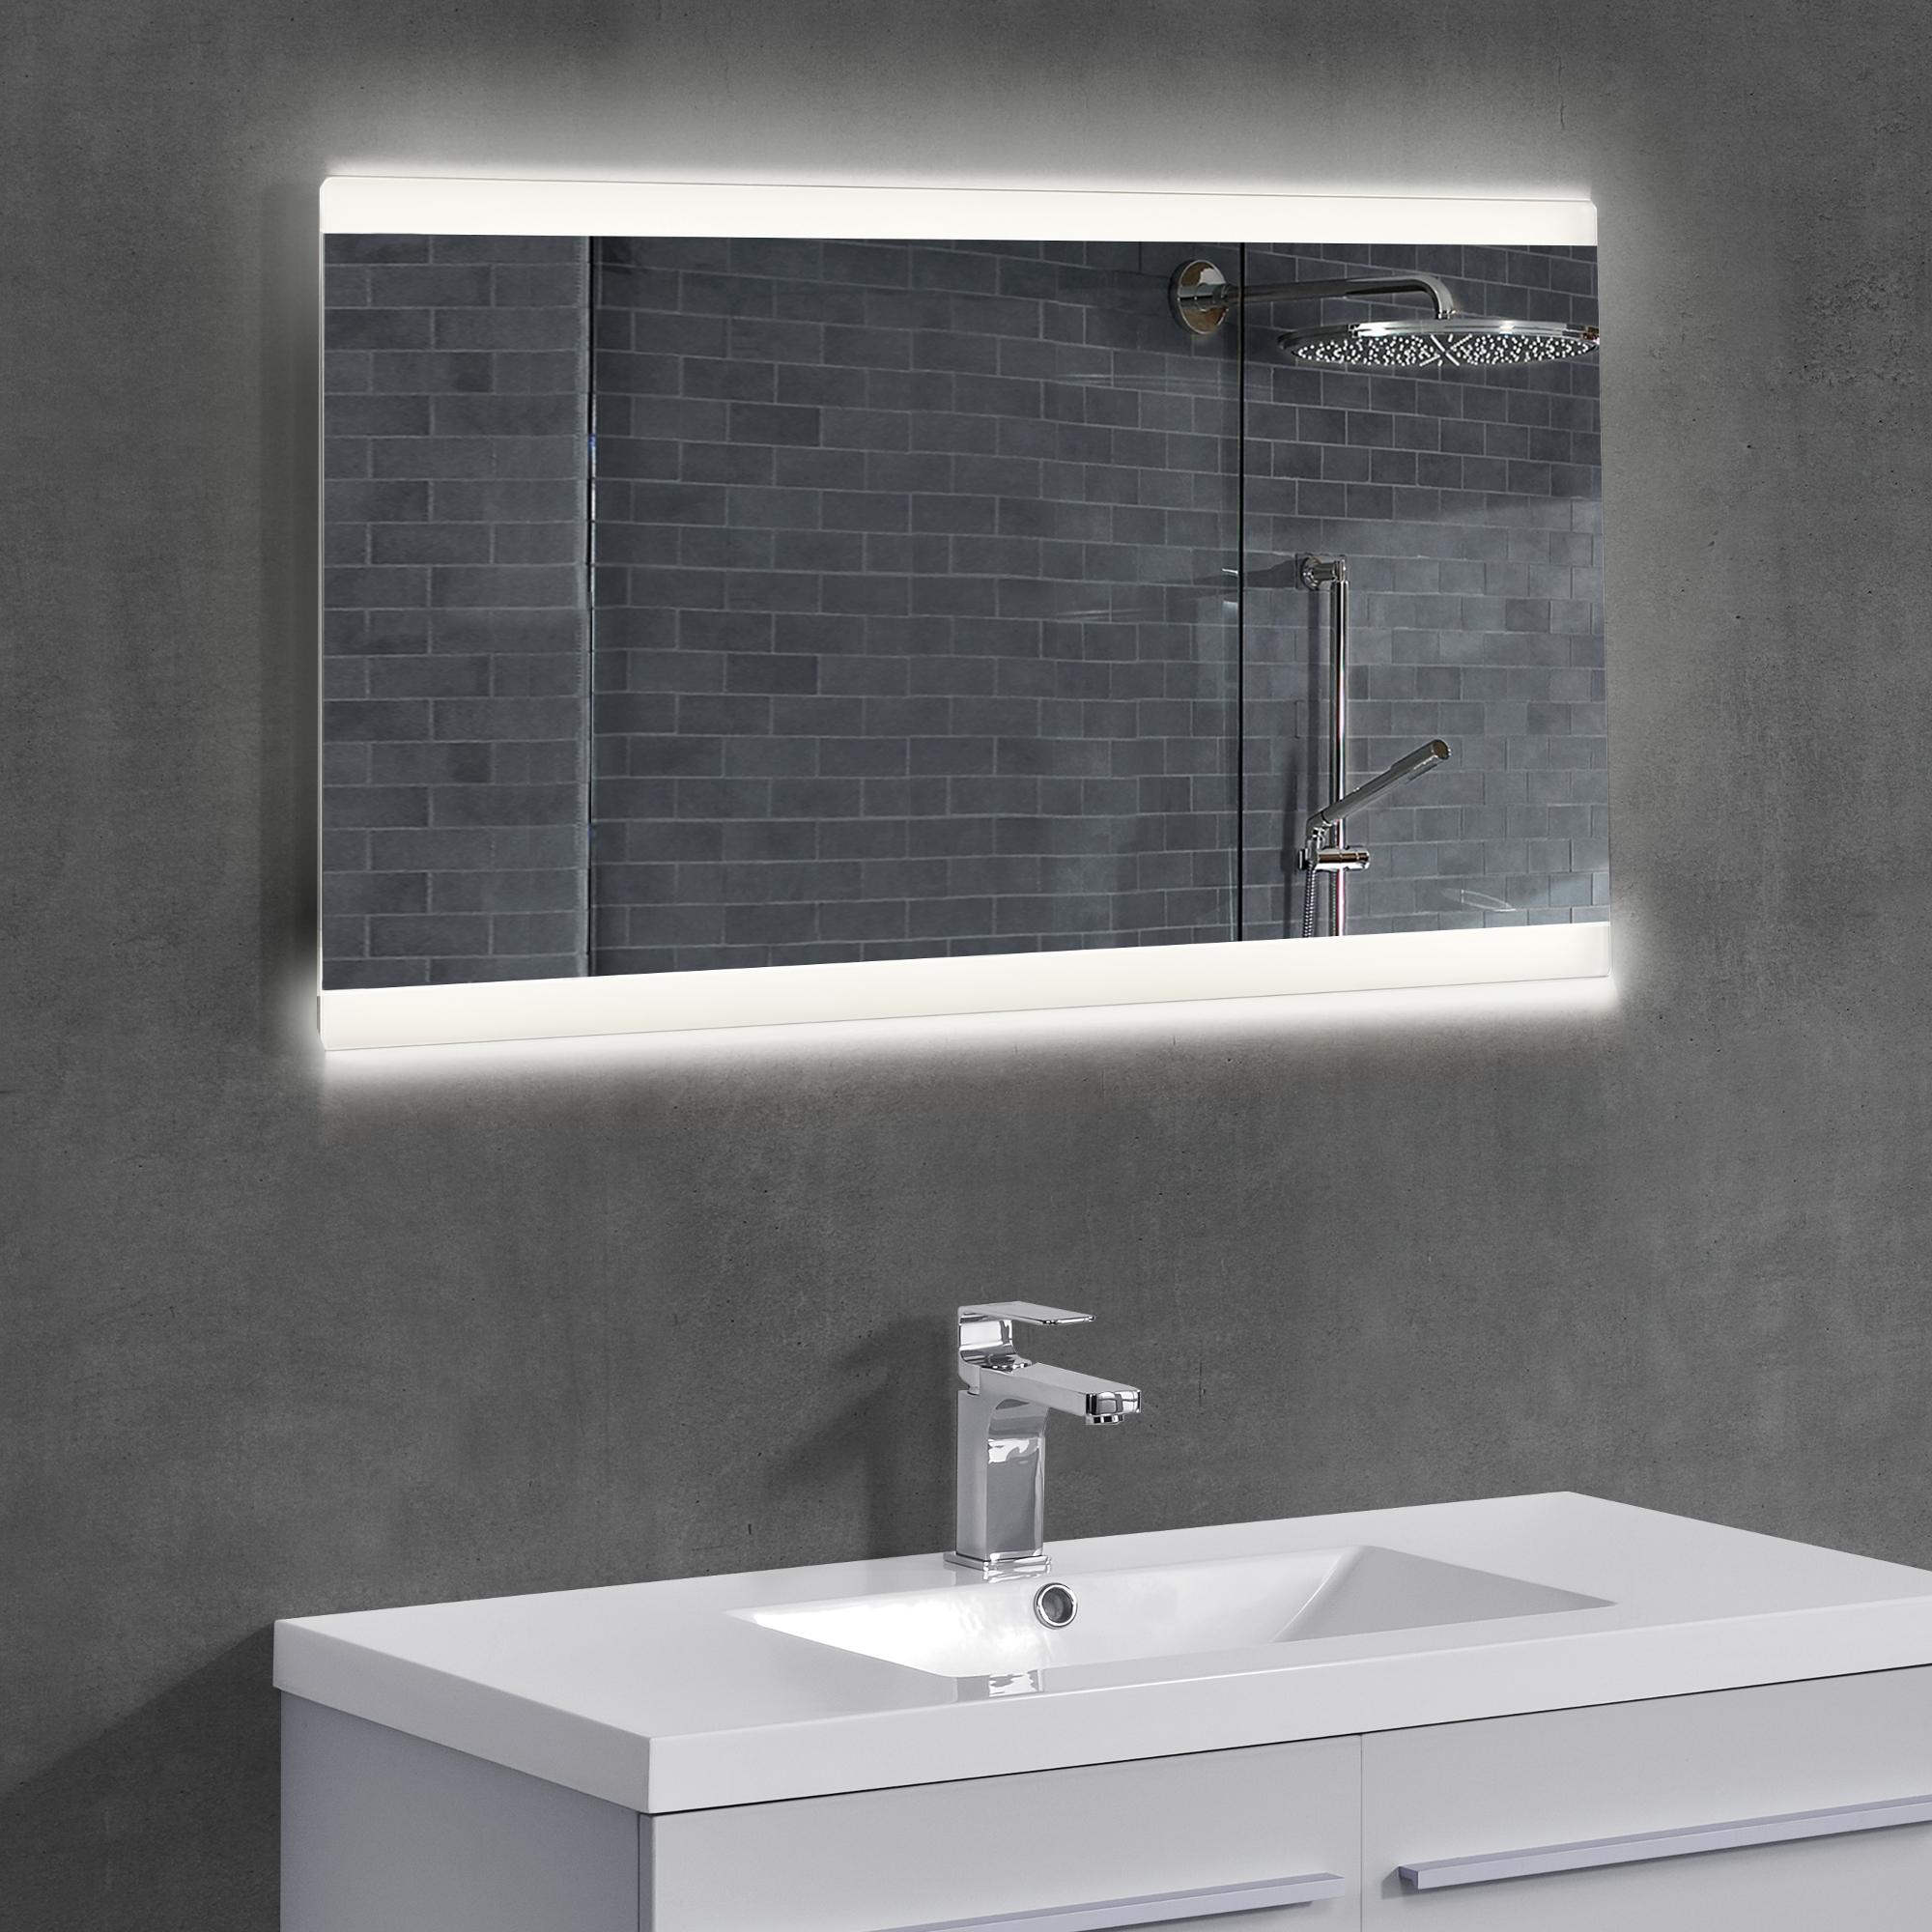 Specchio per bagno led murale specchio a muro - Specchio x bagno ...